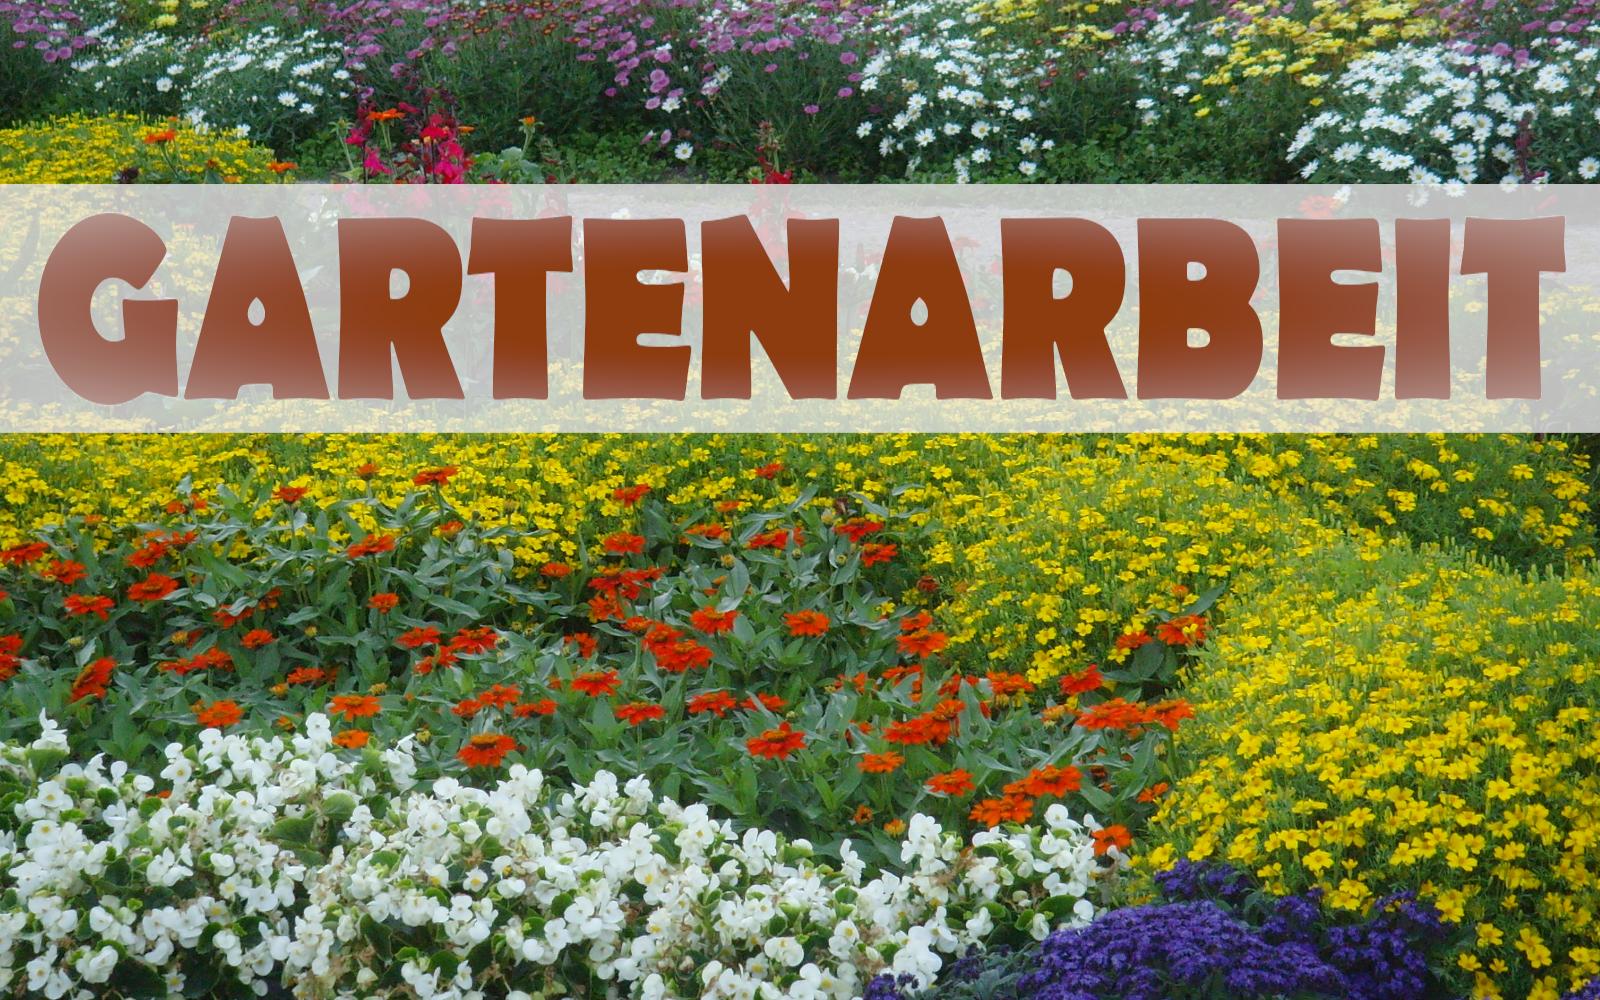 mein_hobby_finden_Gartenarbeit